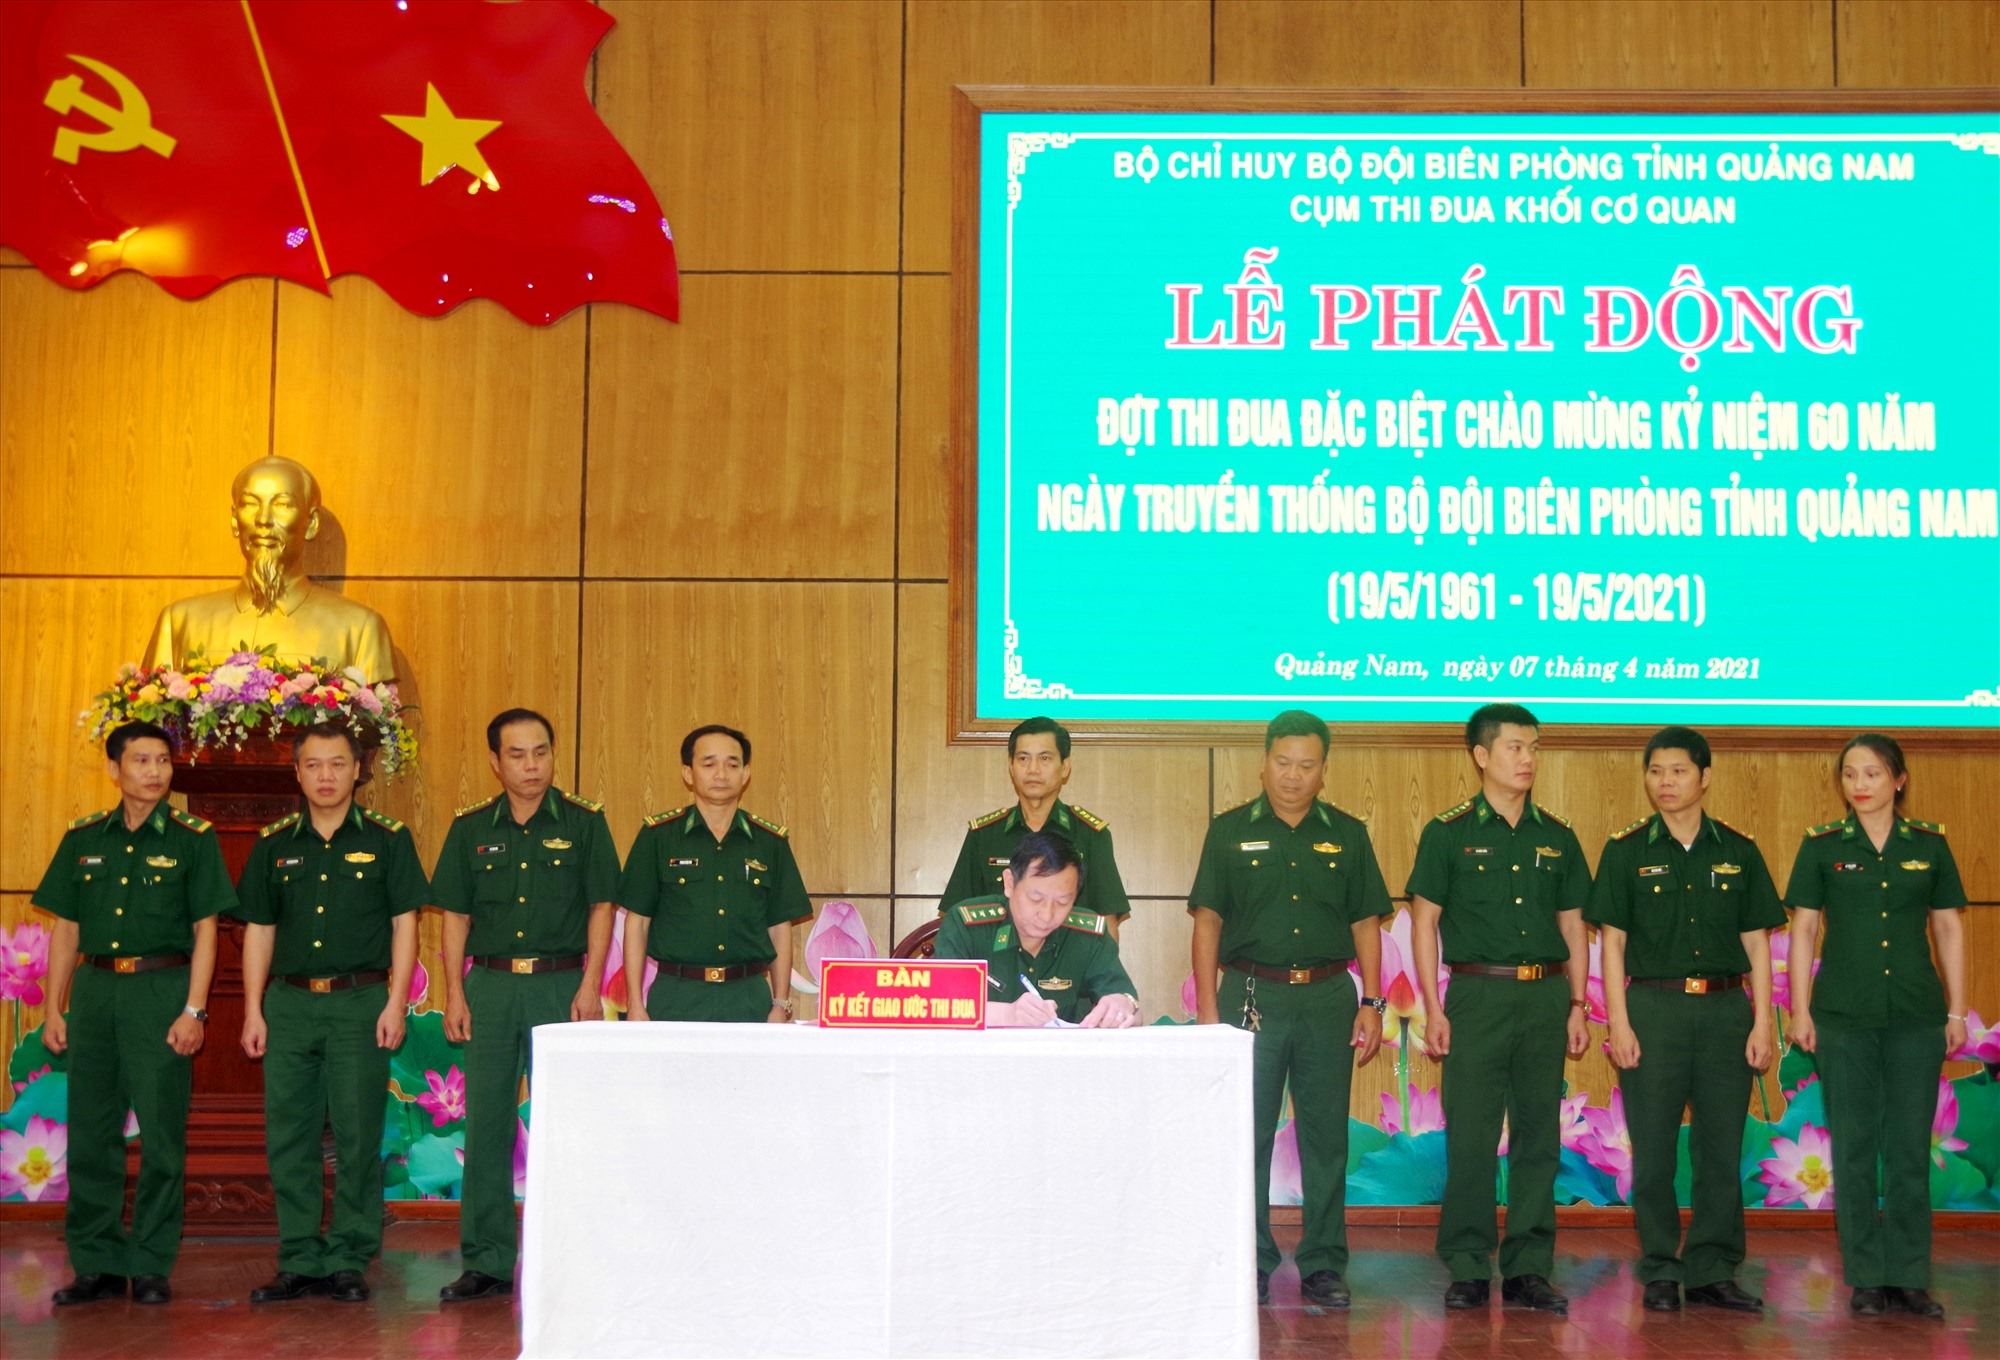 Lãnh đạo các phòng, ban khối cơ quan Bộ Chỉ huy Biên phòng tỉnh ký kết giao ước thi đua.